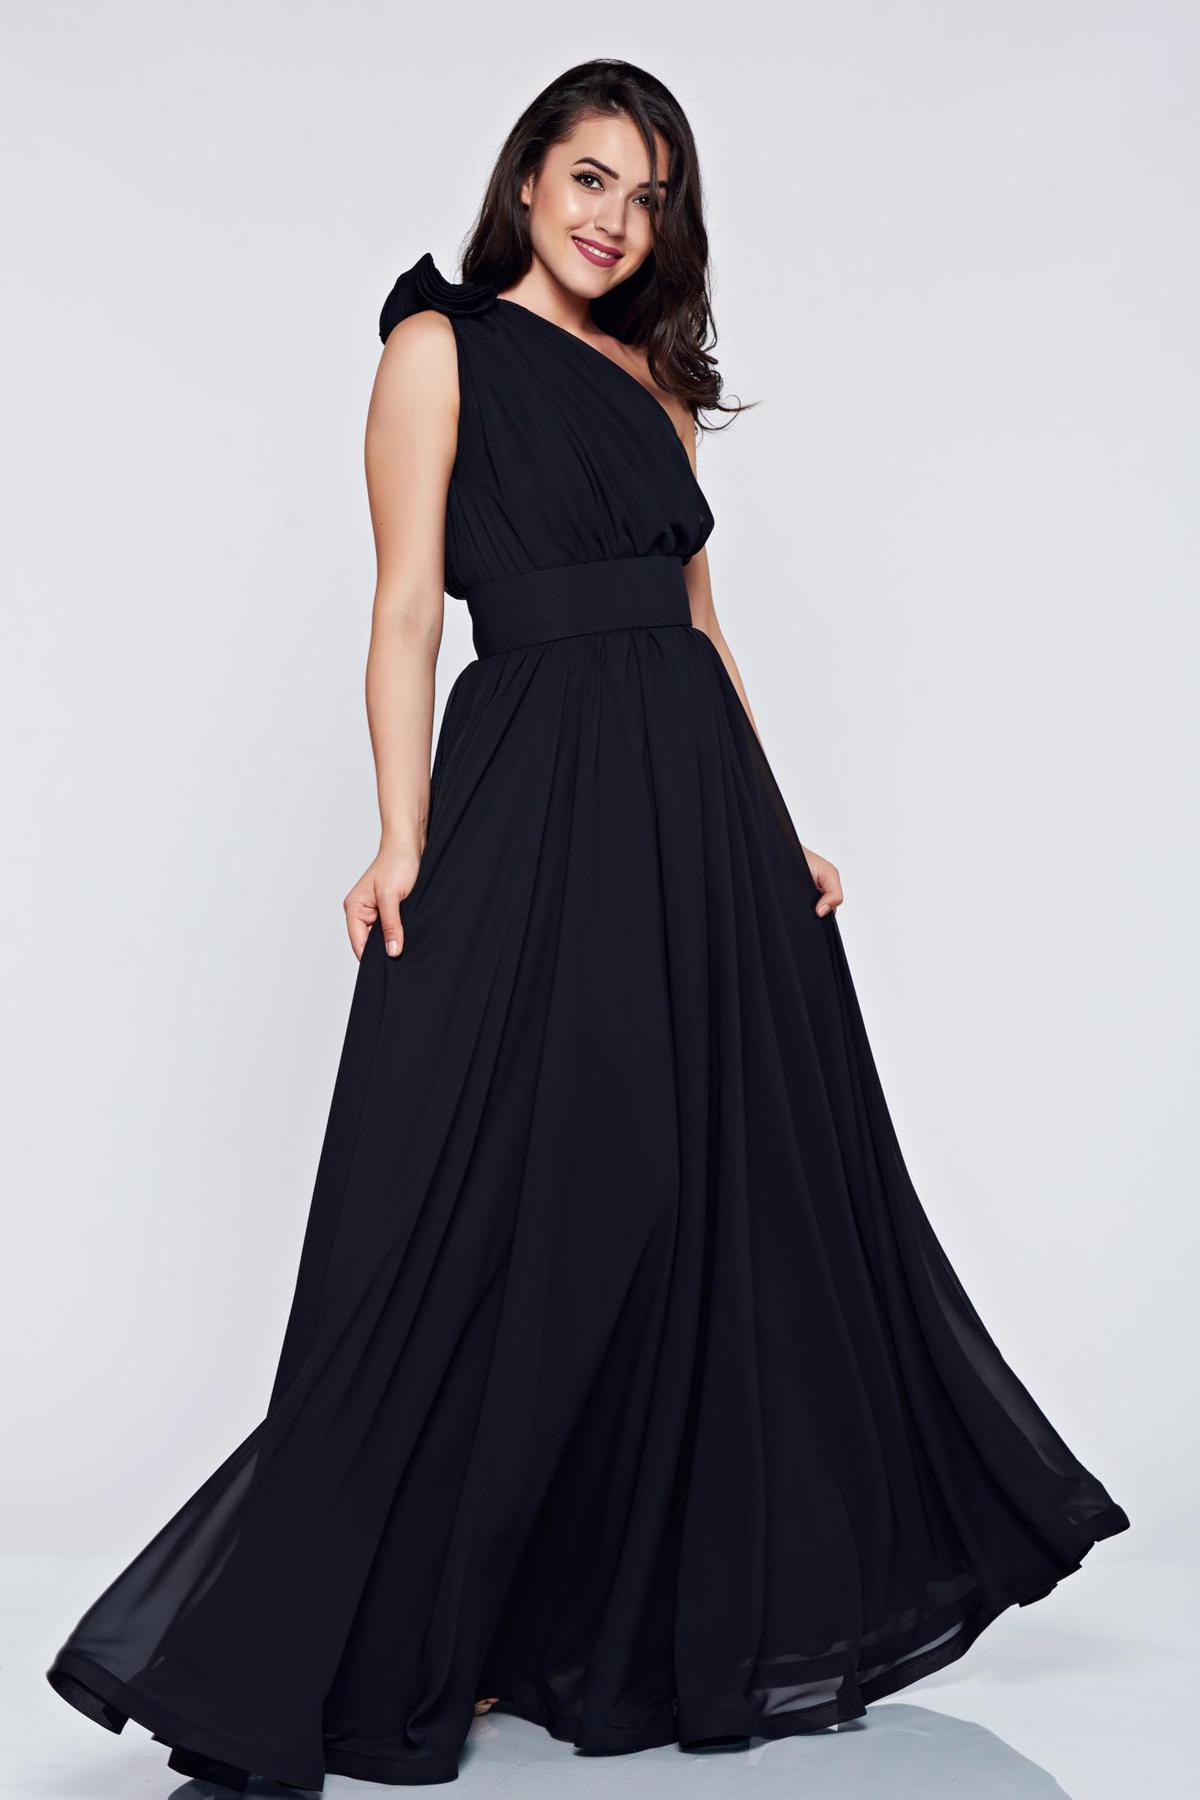 66853d2169 Fekete StarShinerS egy vállas alkalmi ruha fátyol anyag - Glami.hu